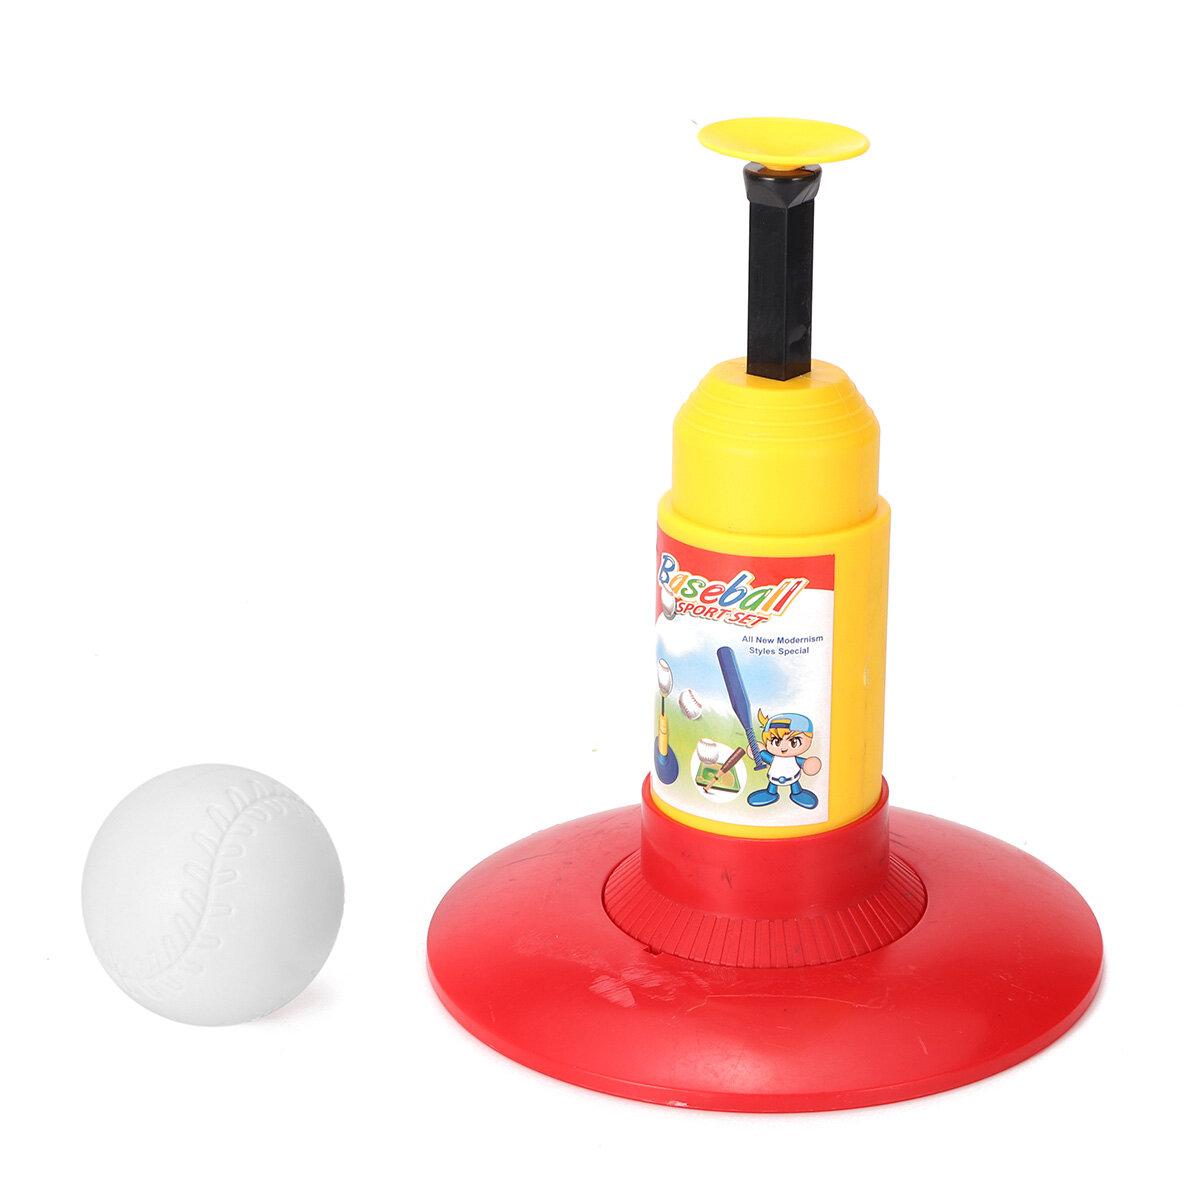 Beginners T ballenset Kinderen honkbal Sportspellen Educatief speelgoed Gift - 6